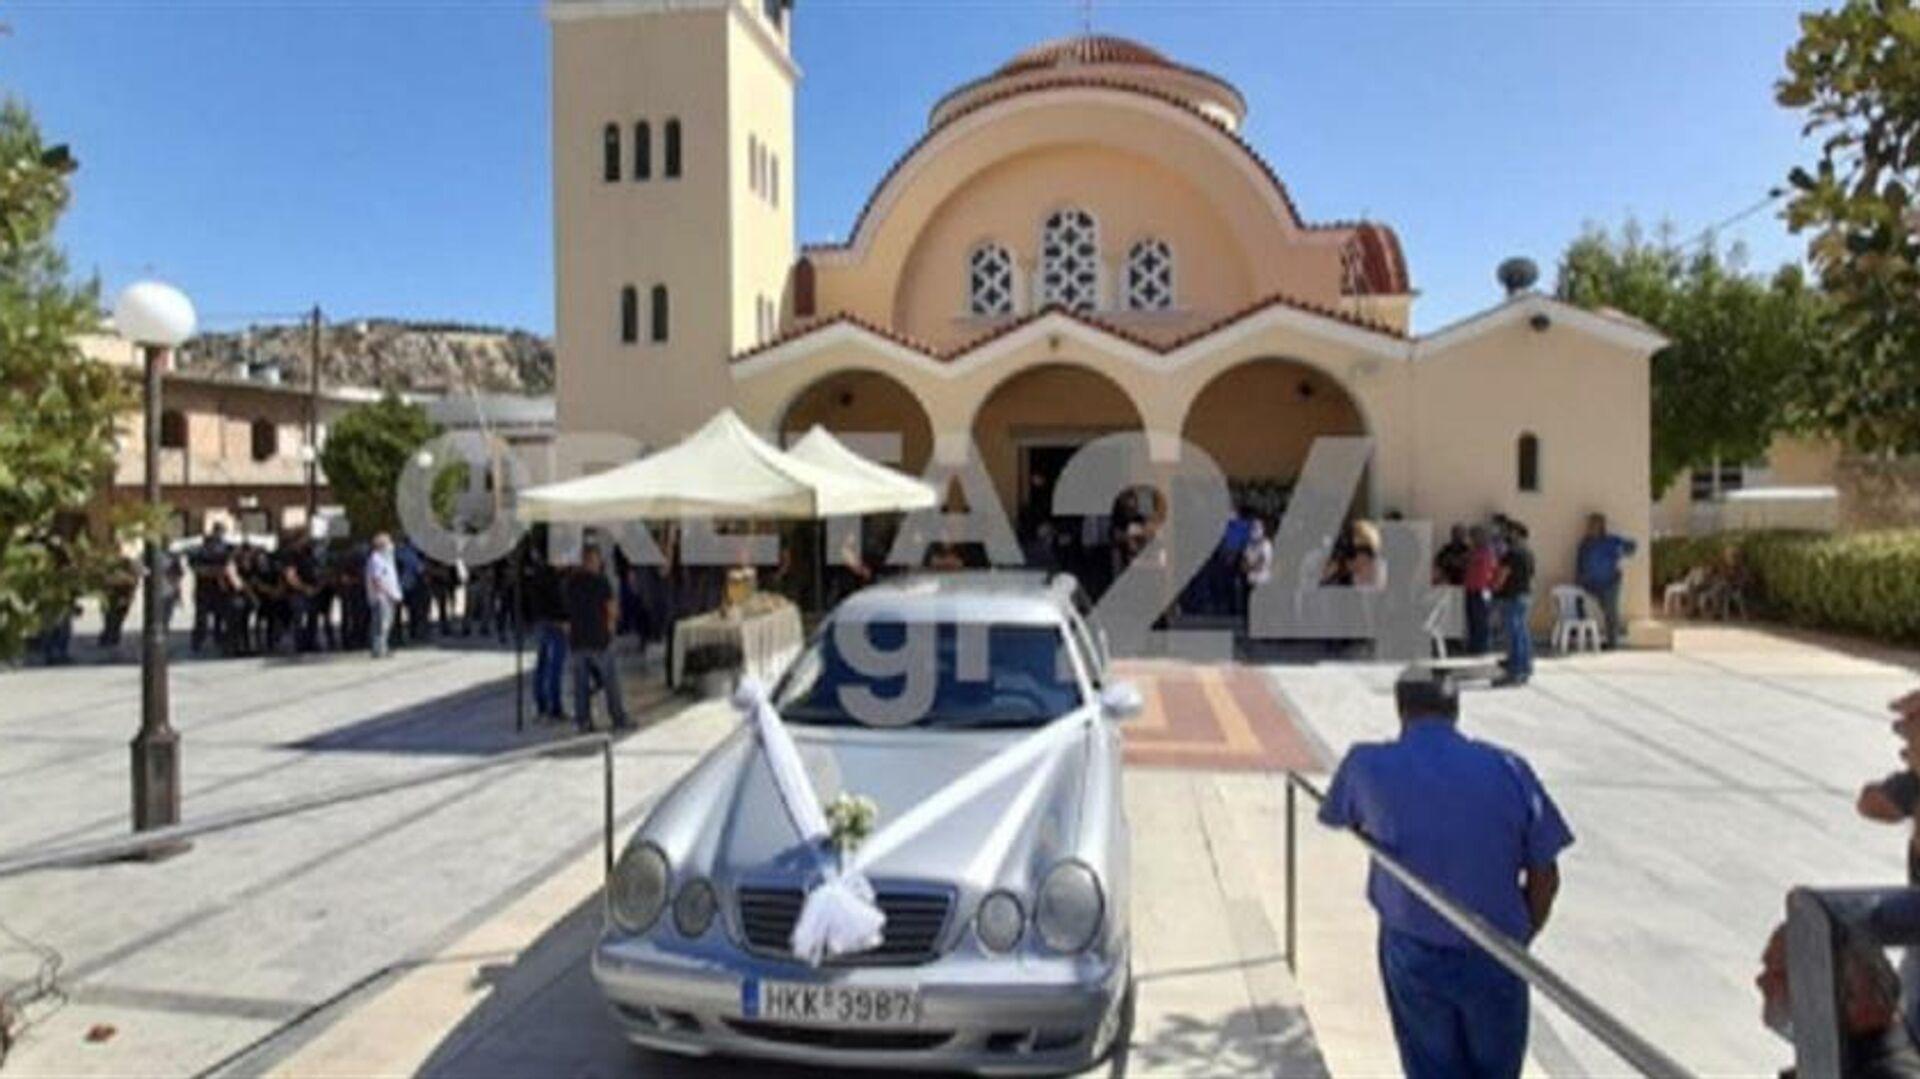 Στιγμιότυπο από την κηδεία του 17χρονου - Sputnik Ελλάδα, 1920, 21.09.2021